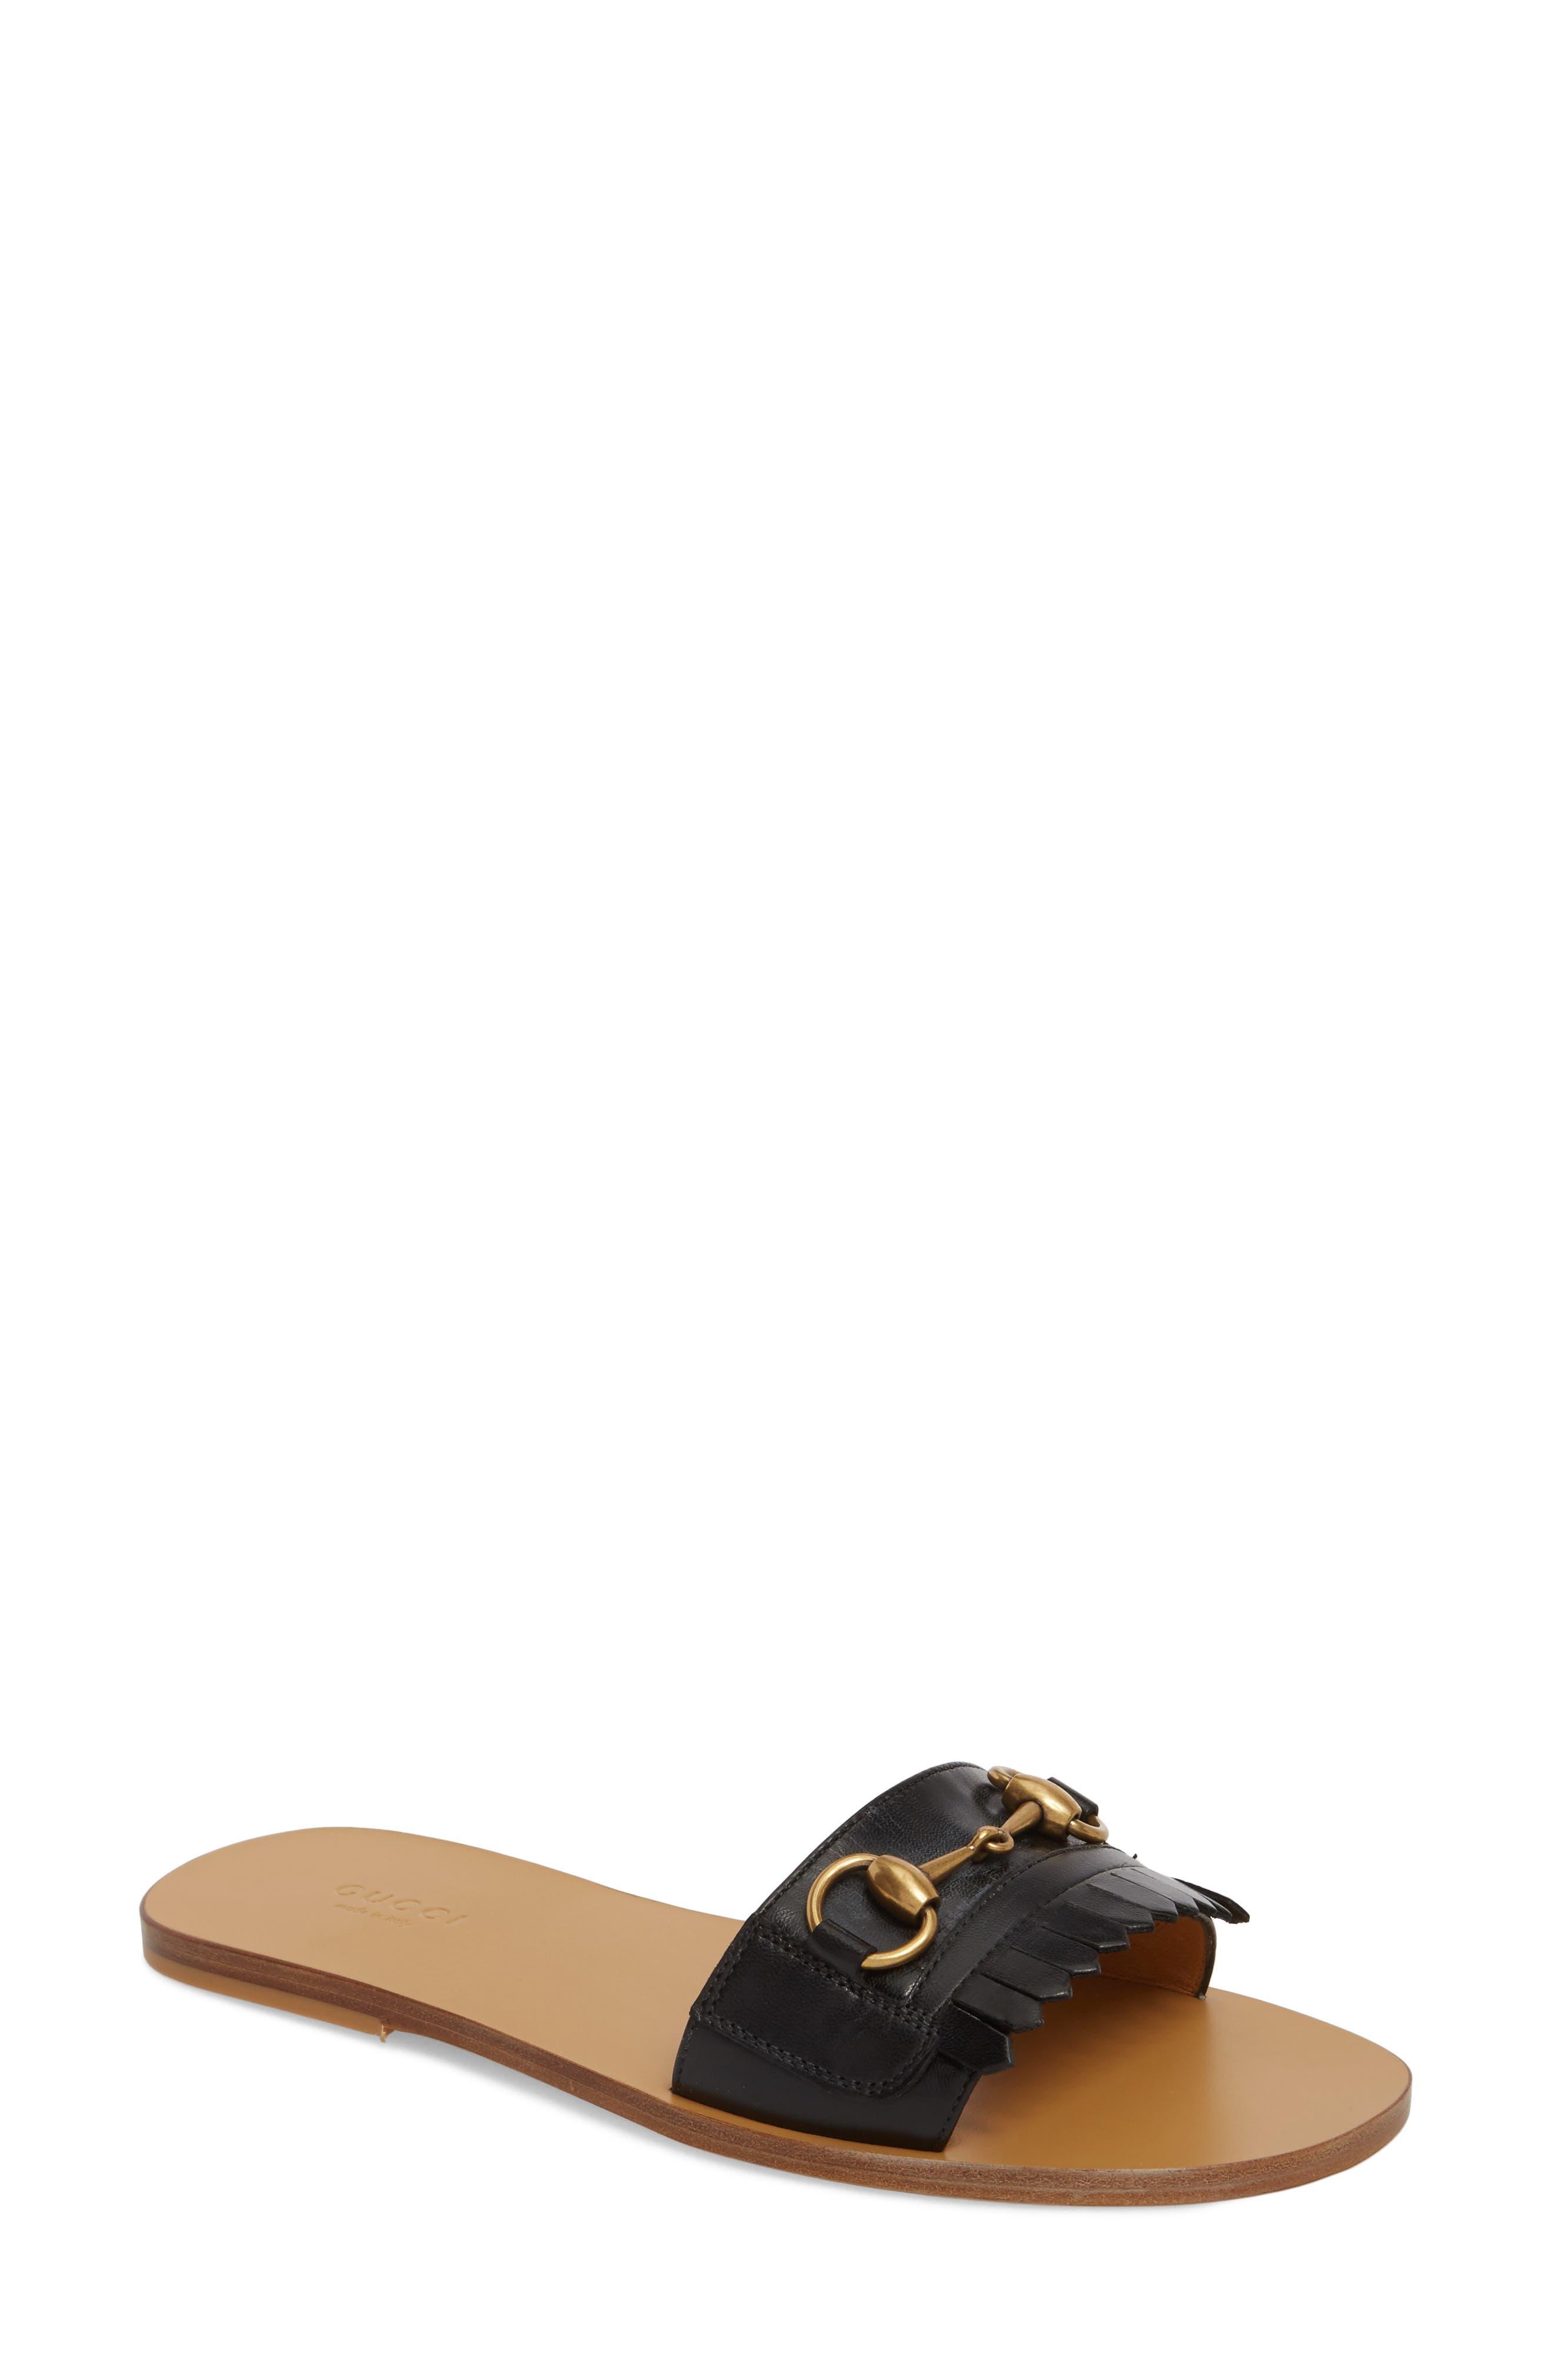 GUCCI Slide Sandal, Main, color, BLACK